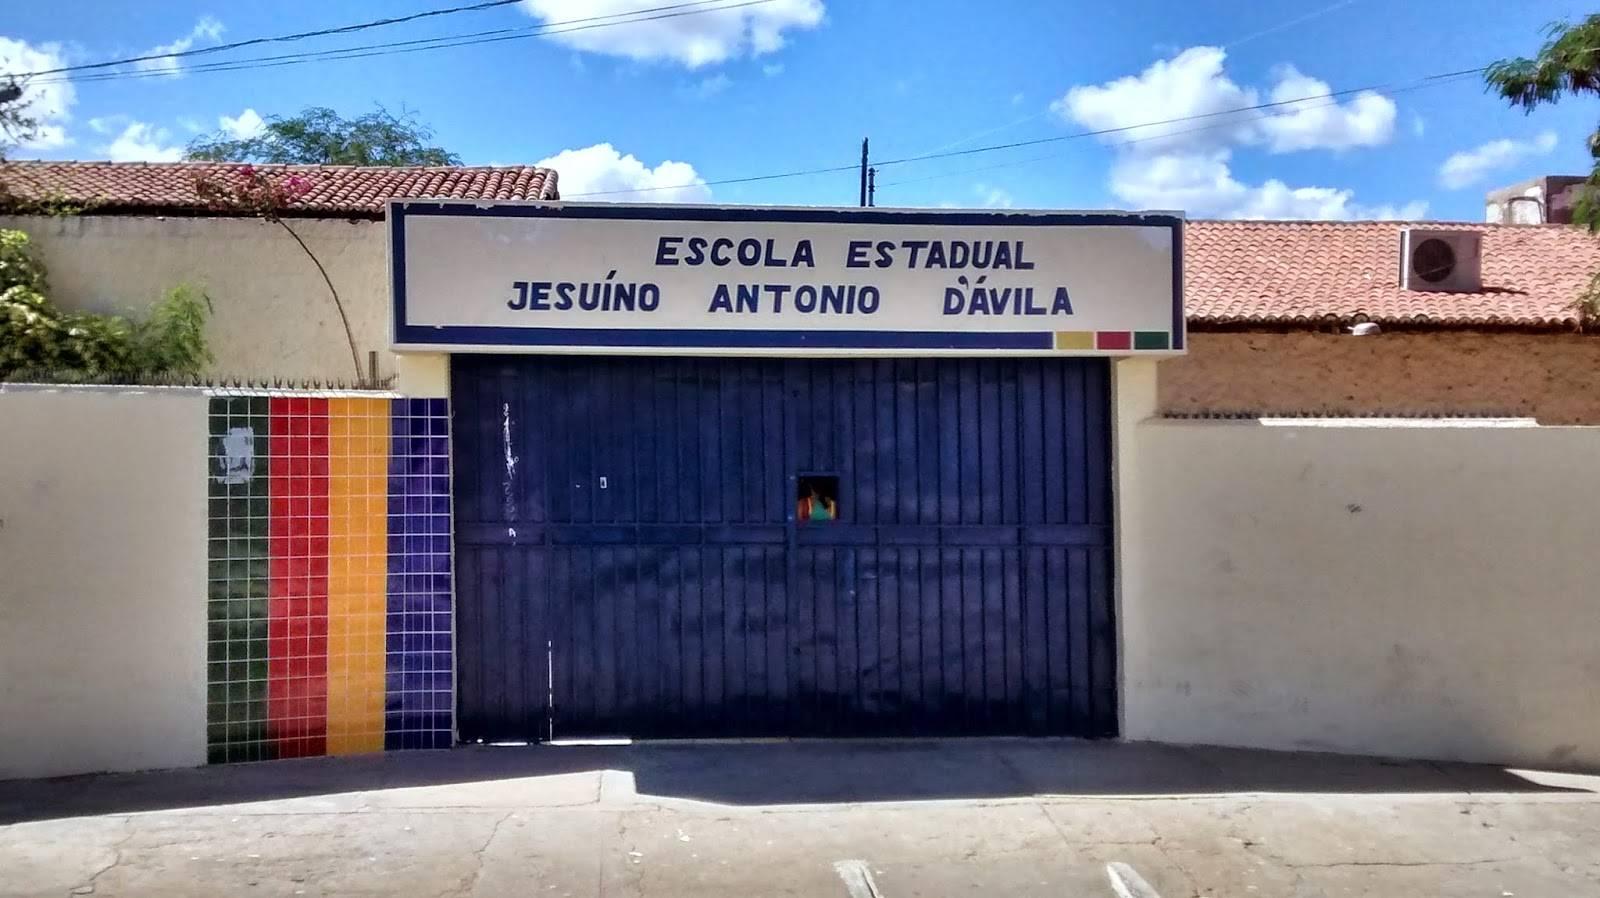 Escola Estadual Jesuíno Antônio D'ávila